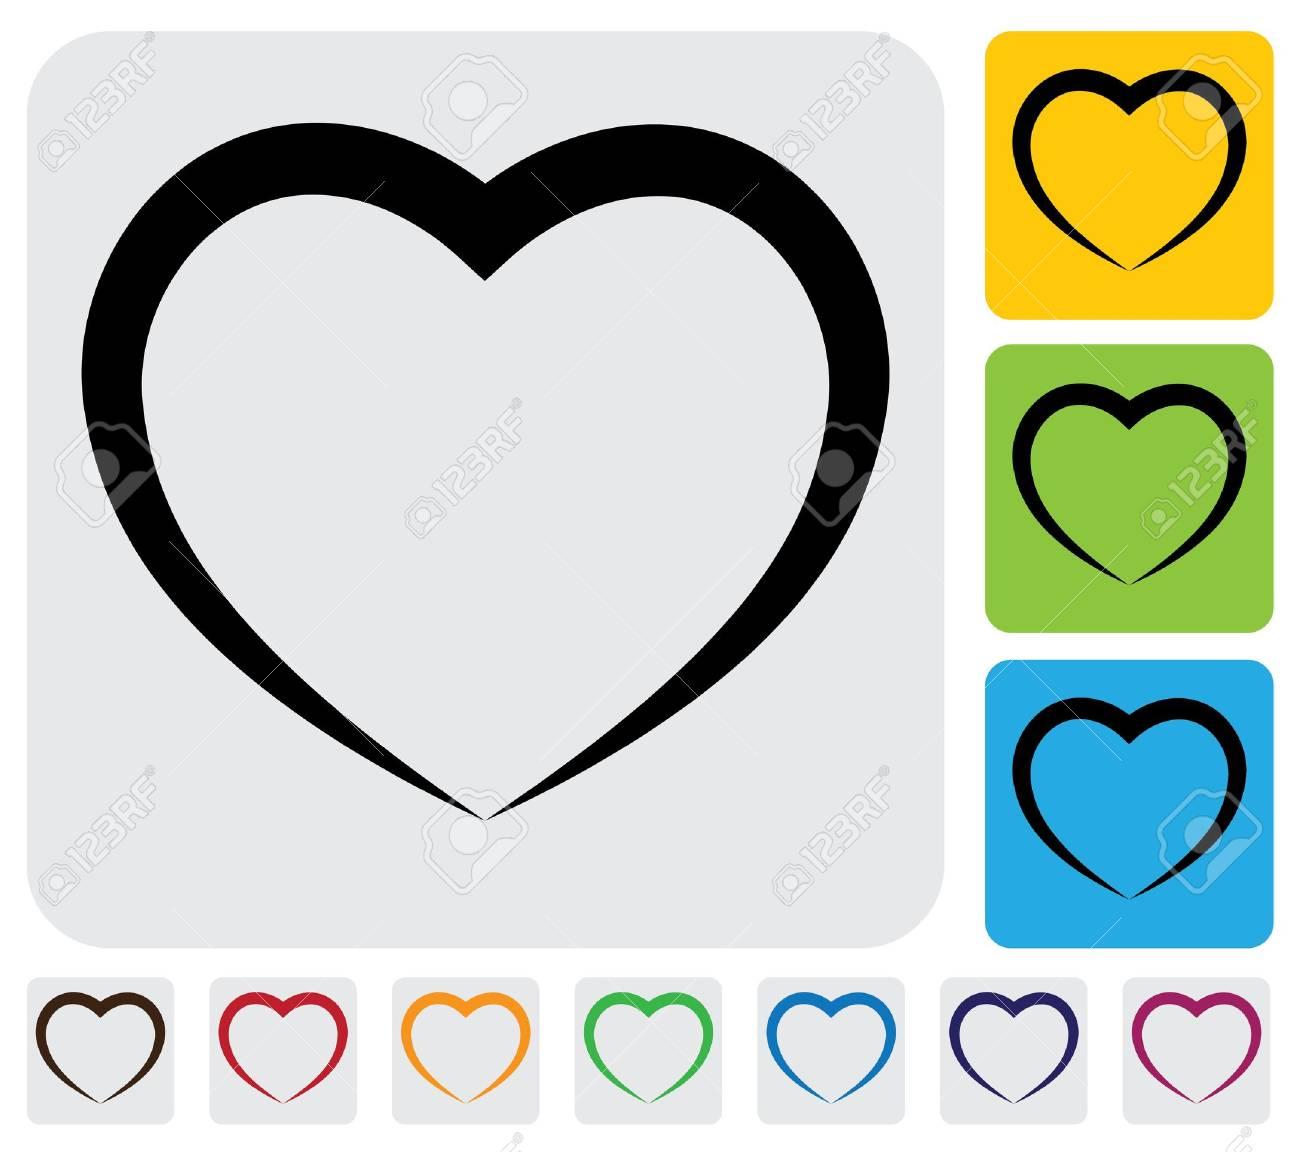 coeur noir et blanc coeur humain abstrait lamour icne symbole